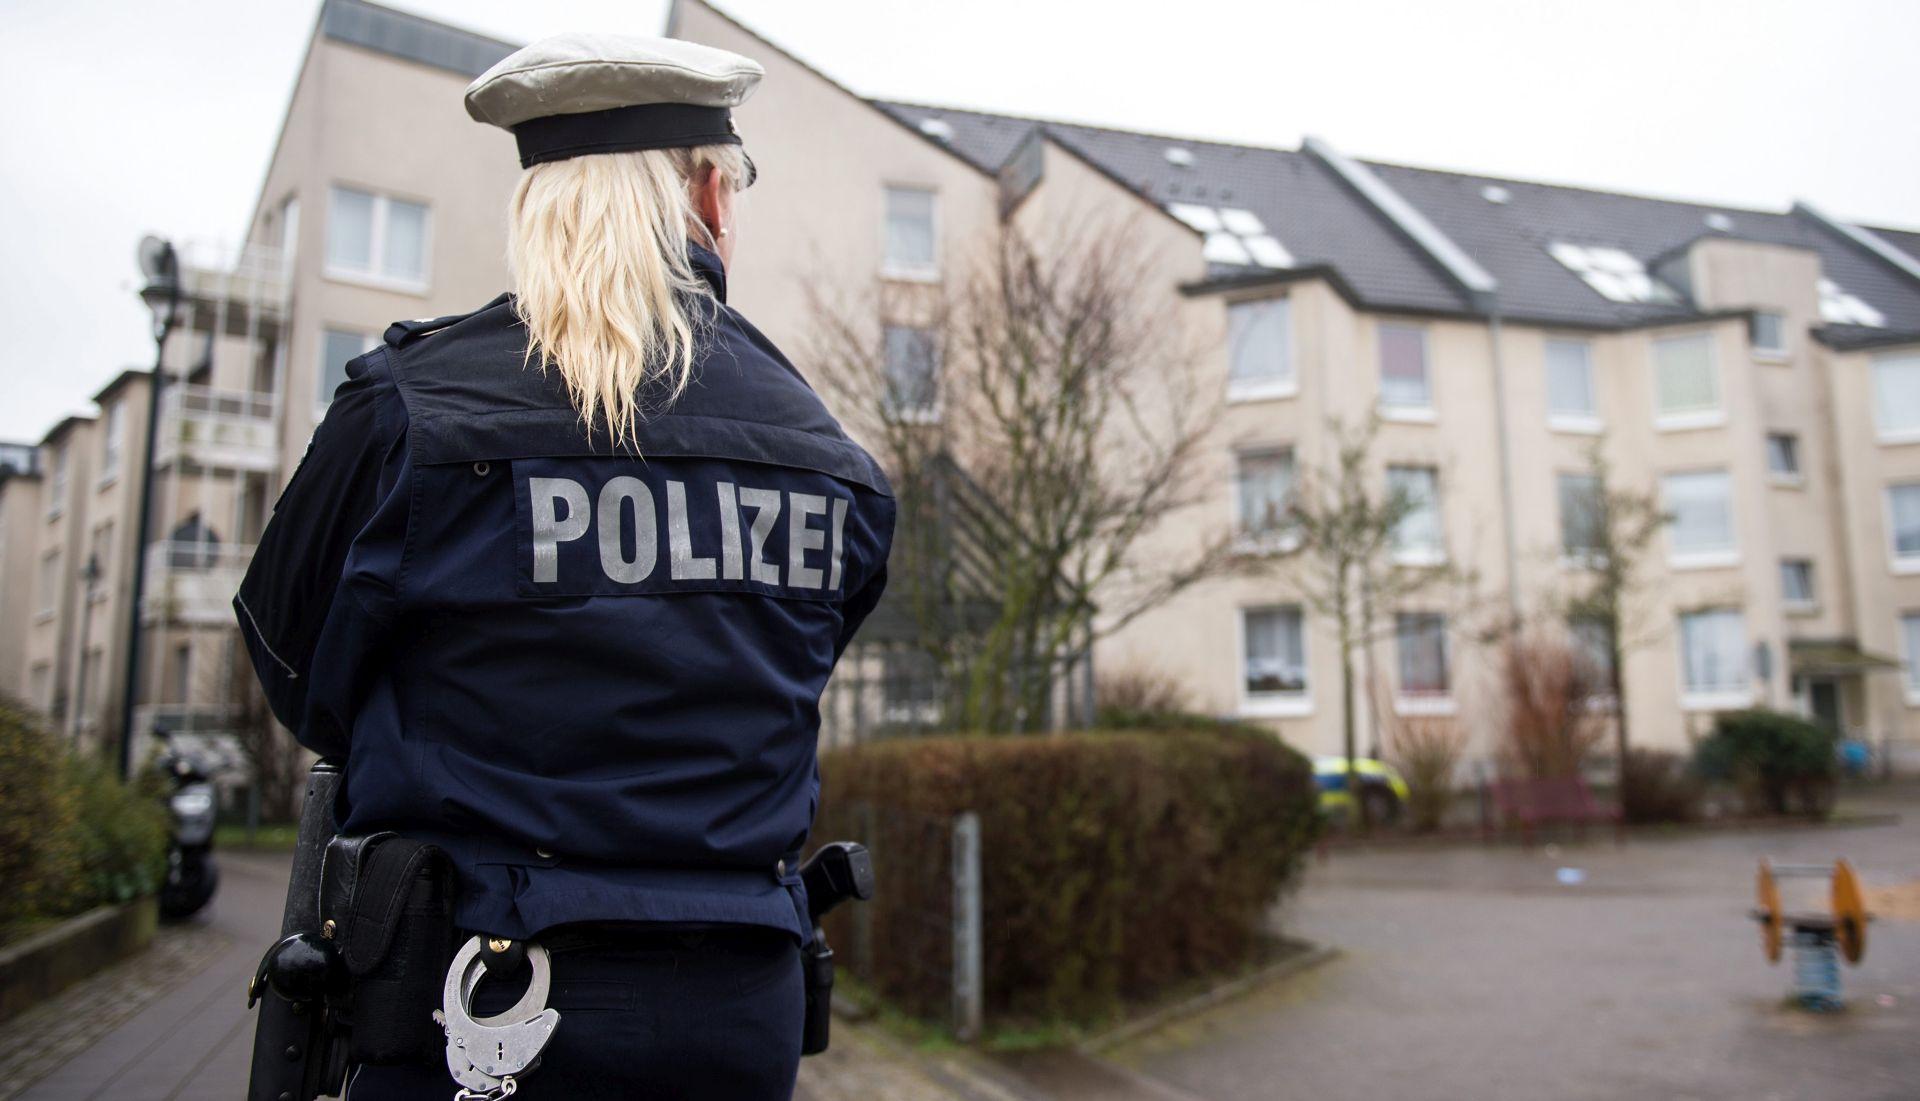 Njemačke sigurnosne službe od 11. rujna 2001. spriječile 11 terorističkih napada